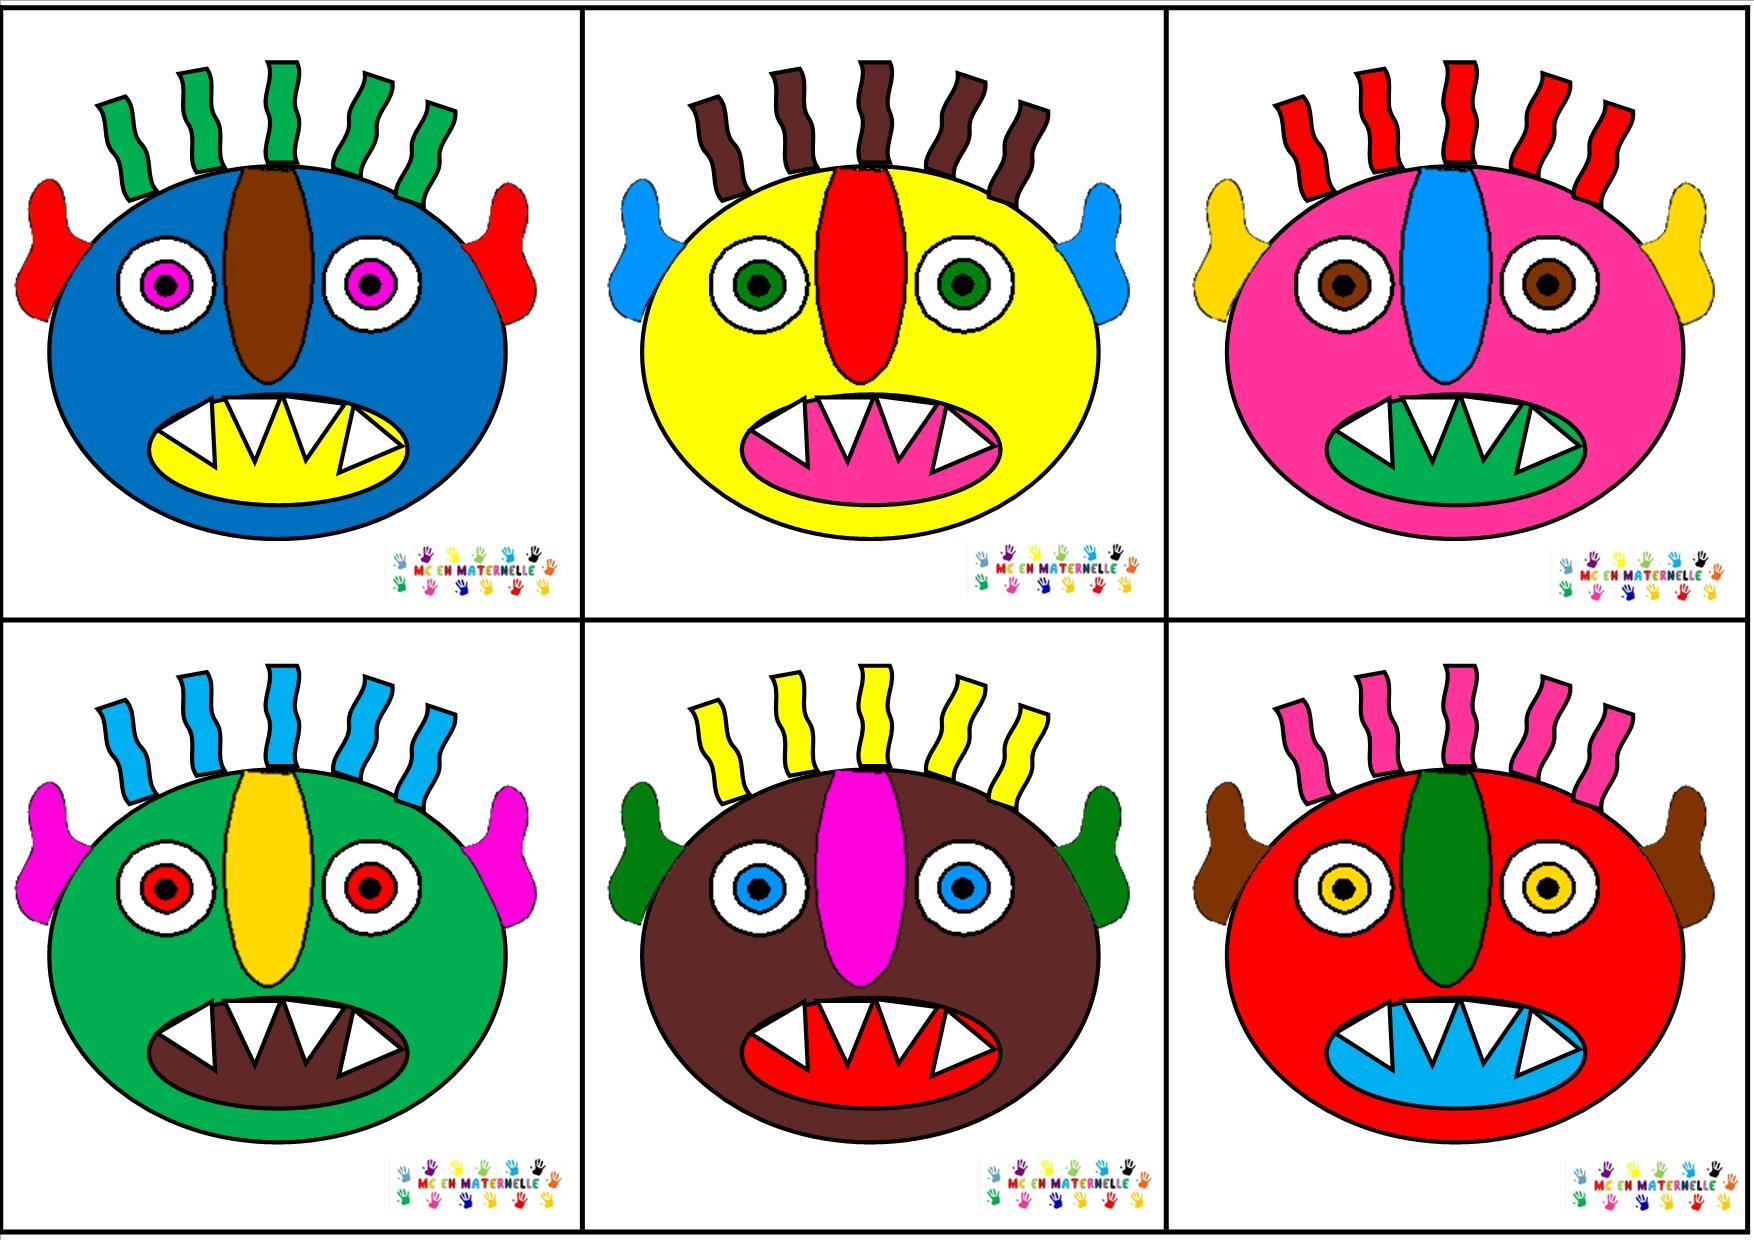 Monstre vert s rie mc en maternelle - Images de monstres rigolos ...